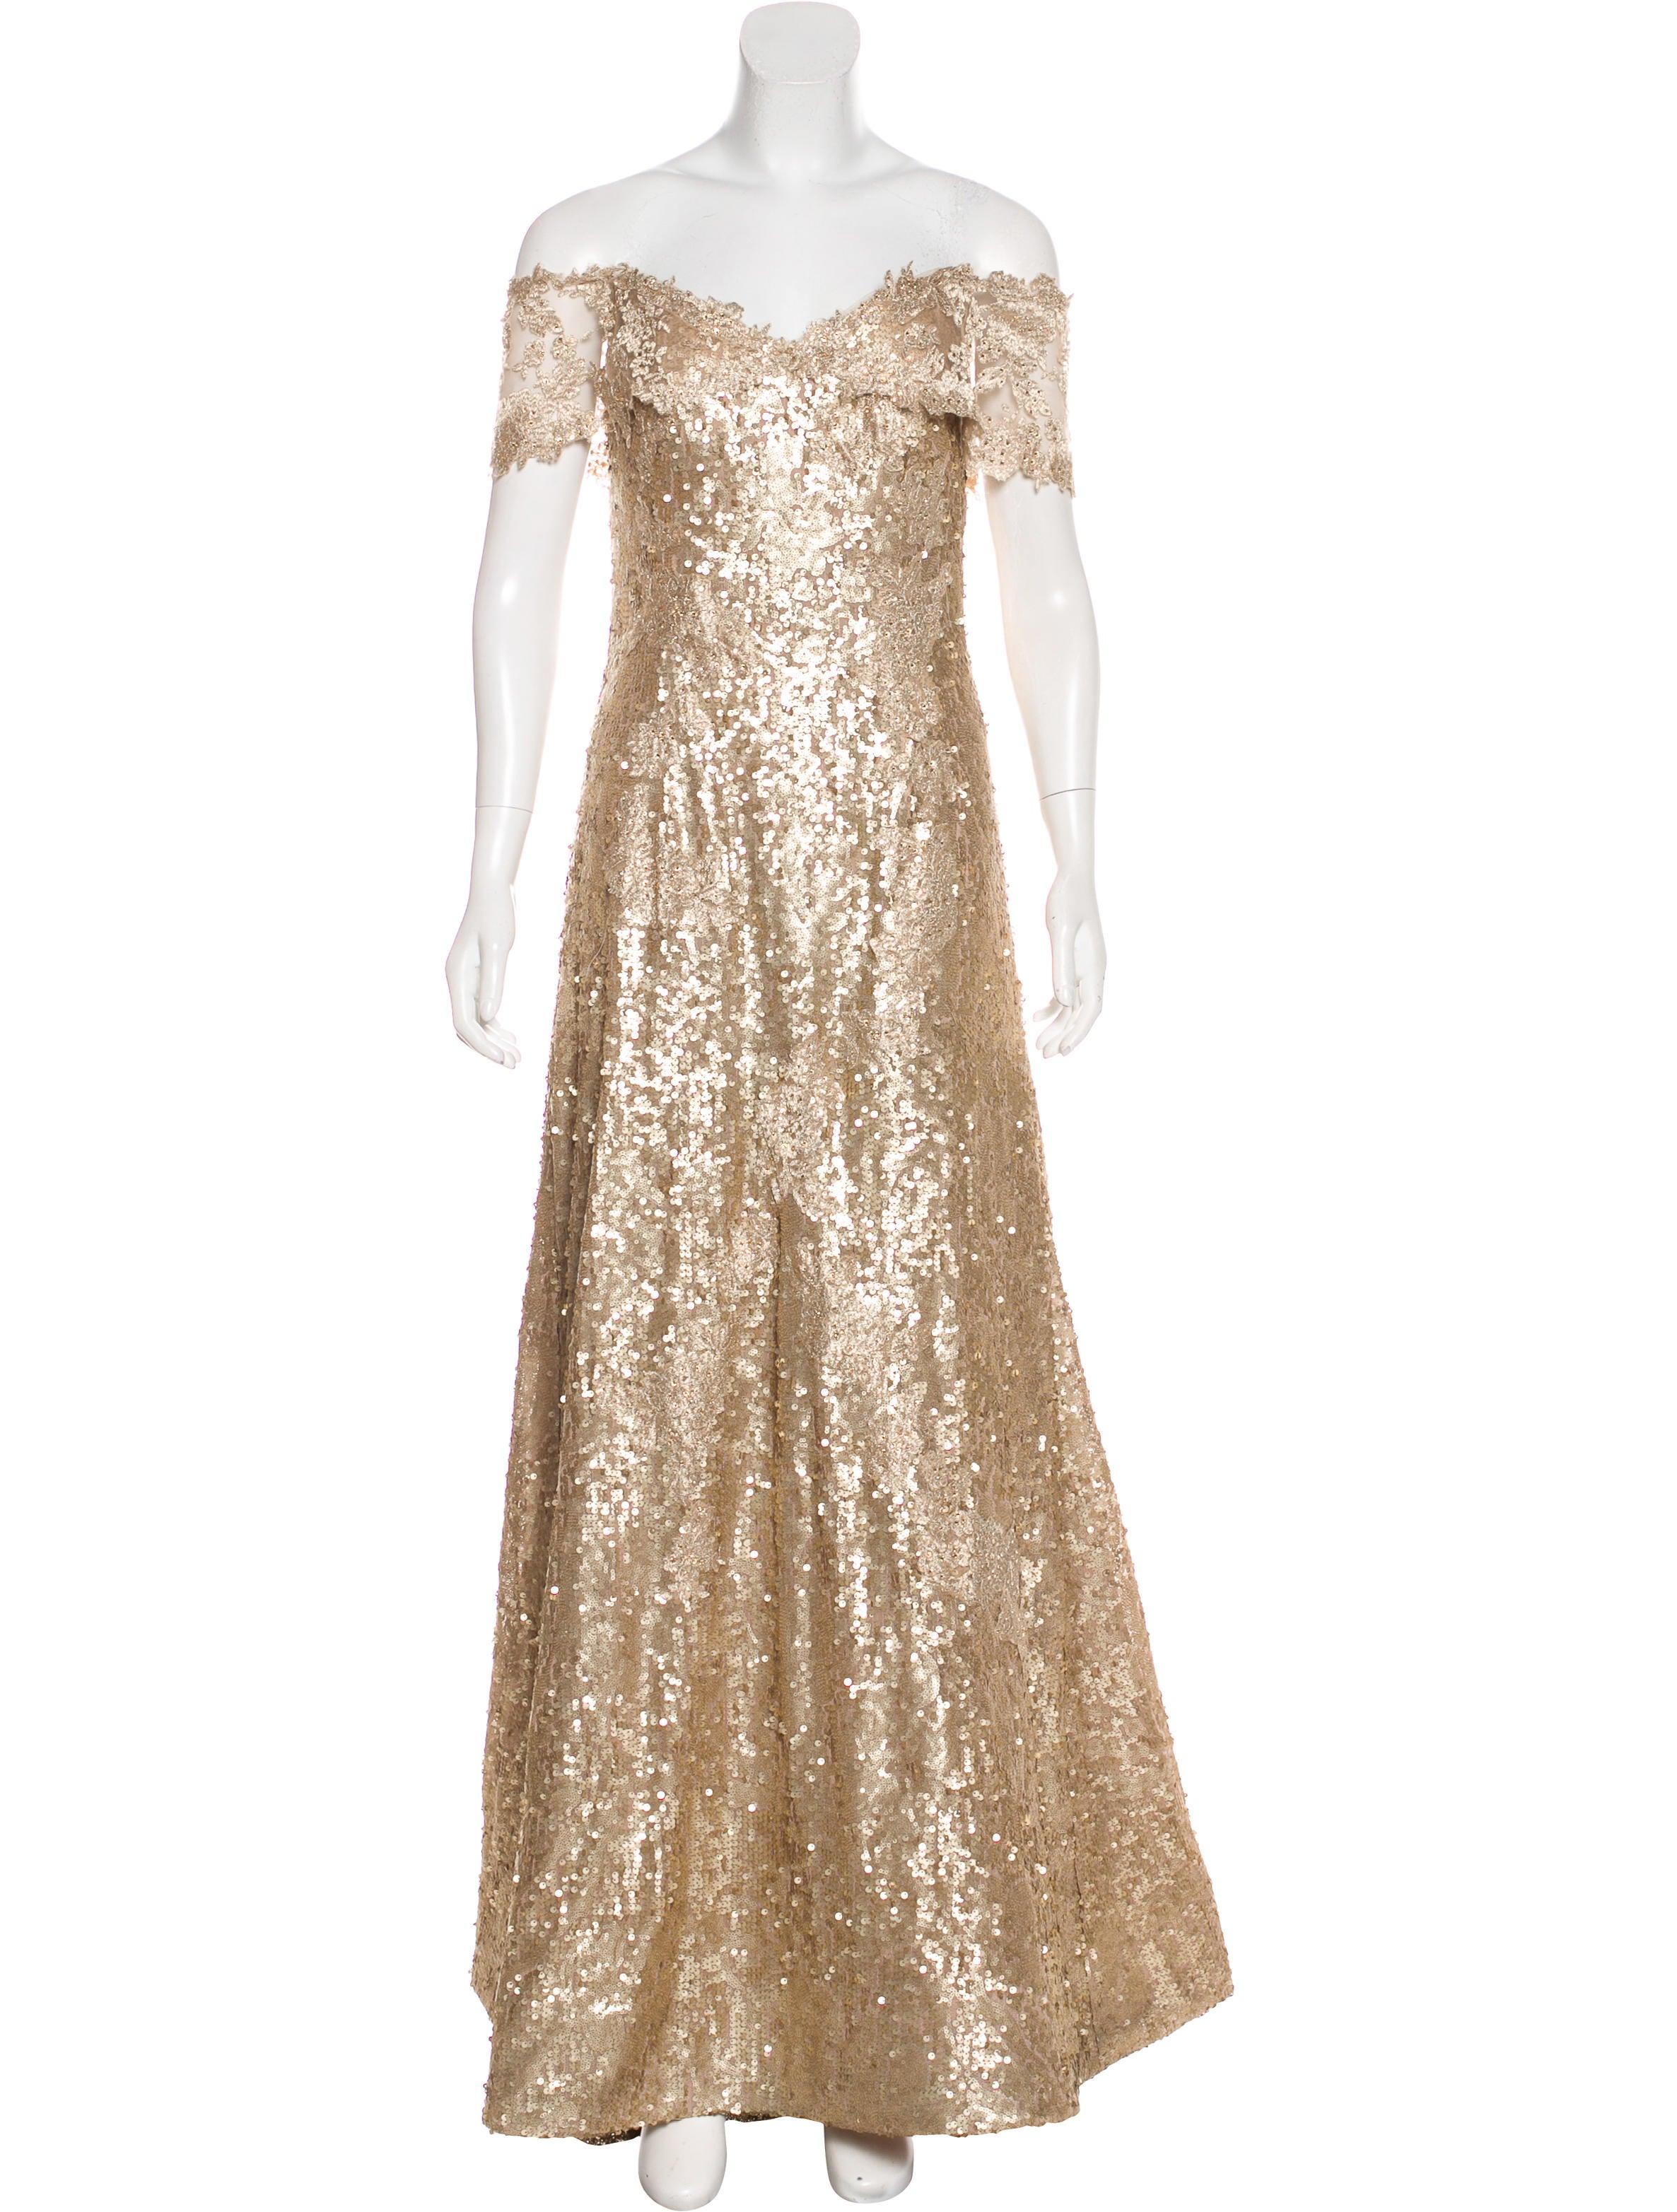 Rene Ruiz Off-The-Shoulder Sequin Gown - Clothing - WRRUZ20024 | The ...